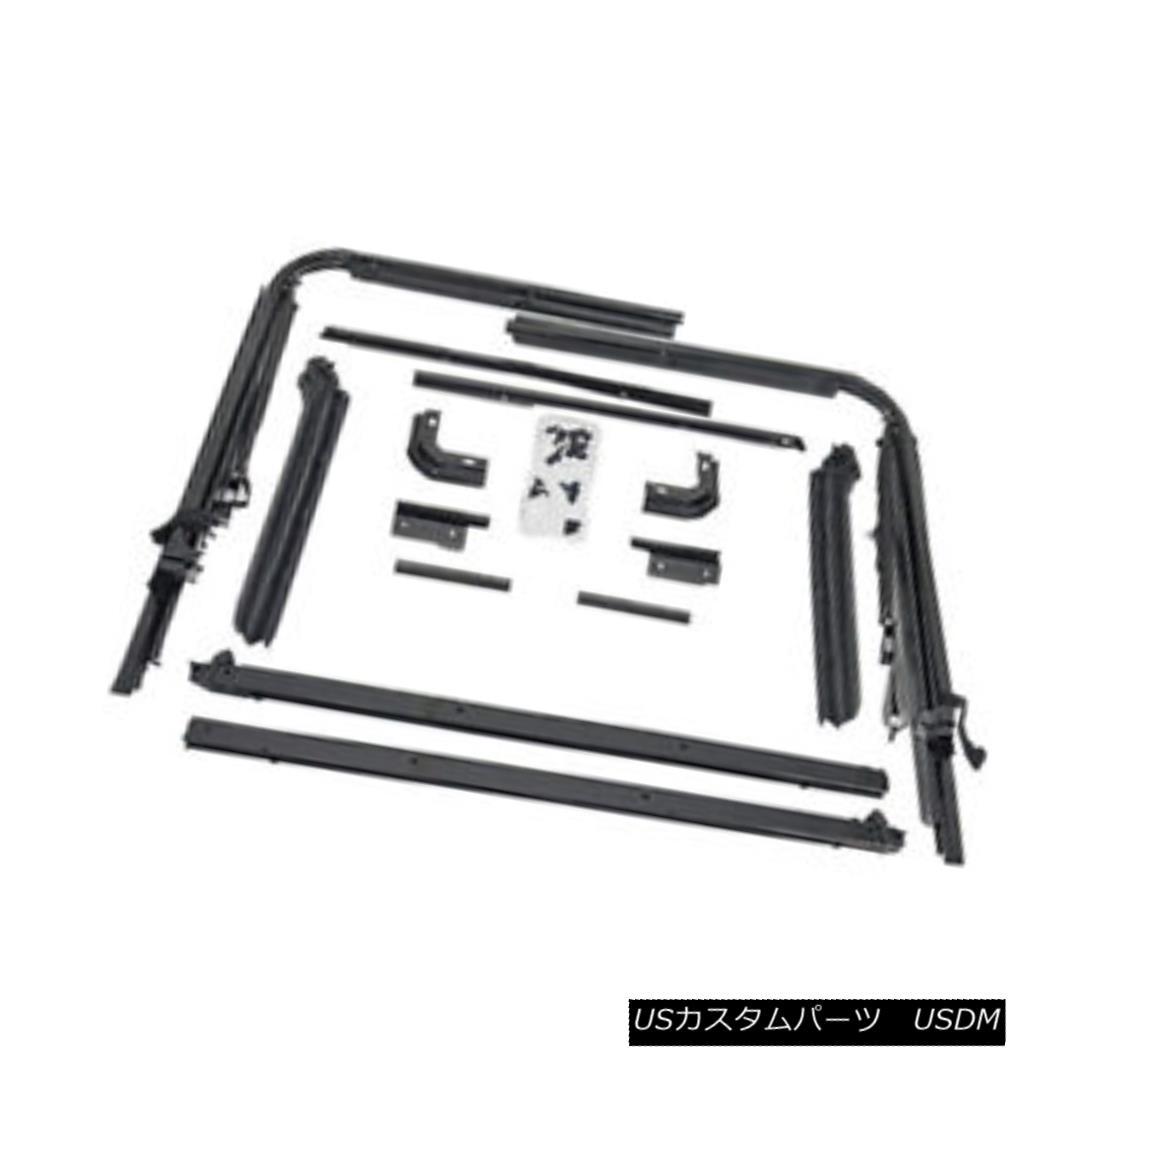 幌・ソフトトップ Rugged Ridge 13510.01 Factory Replacement Soft Top Hardware 87-95 Jeep Wrangler 頑丈なリッジ13510.01工場交換ソフトトップのハードウェア87-95ジープラングラー